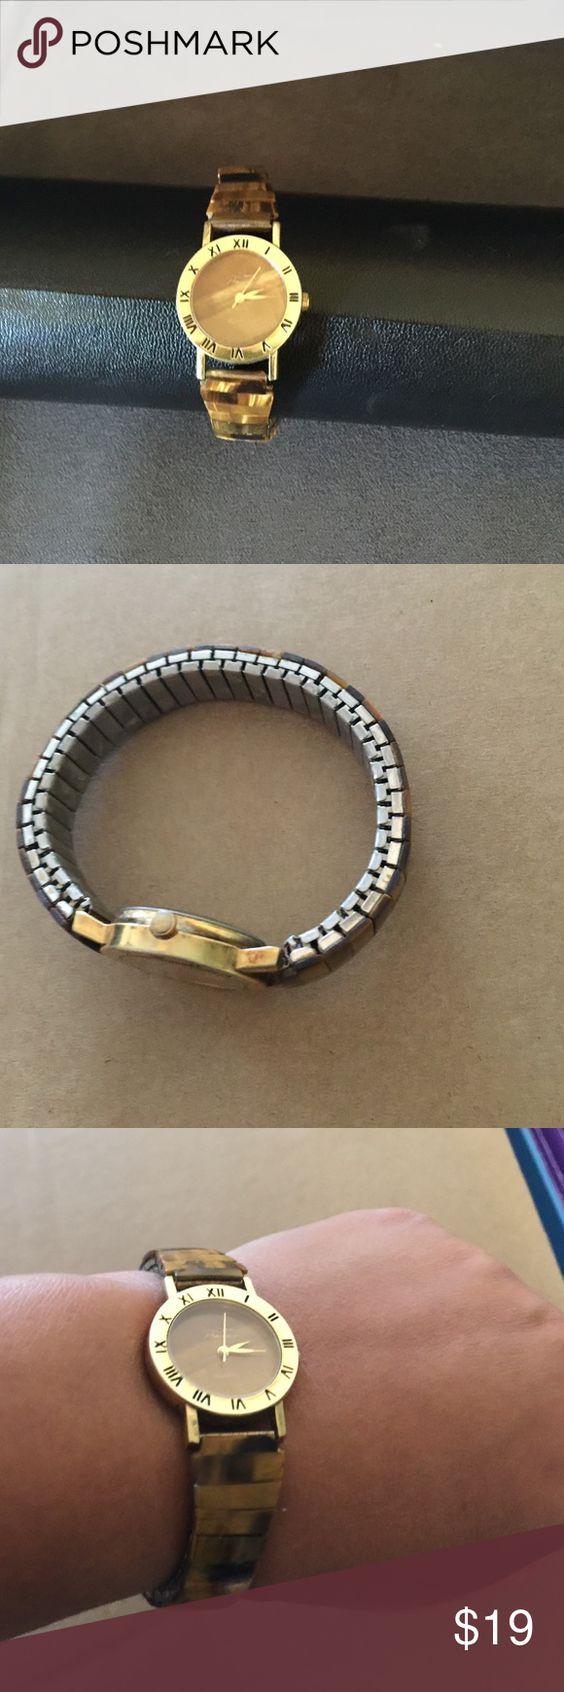 Vintage elastic watch In vintage condition no damage 🎉no trade no LOWBALLS Semi precirus Jewelry